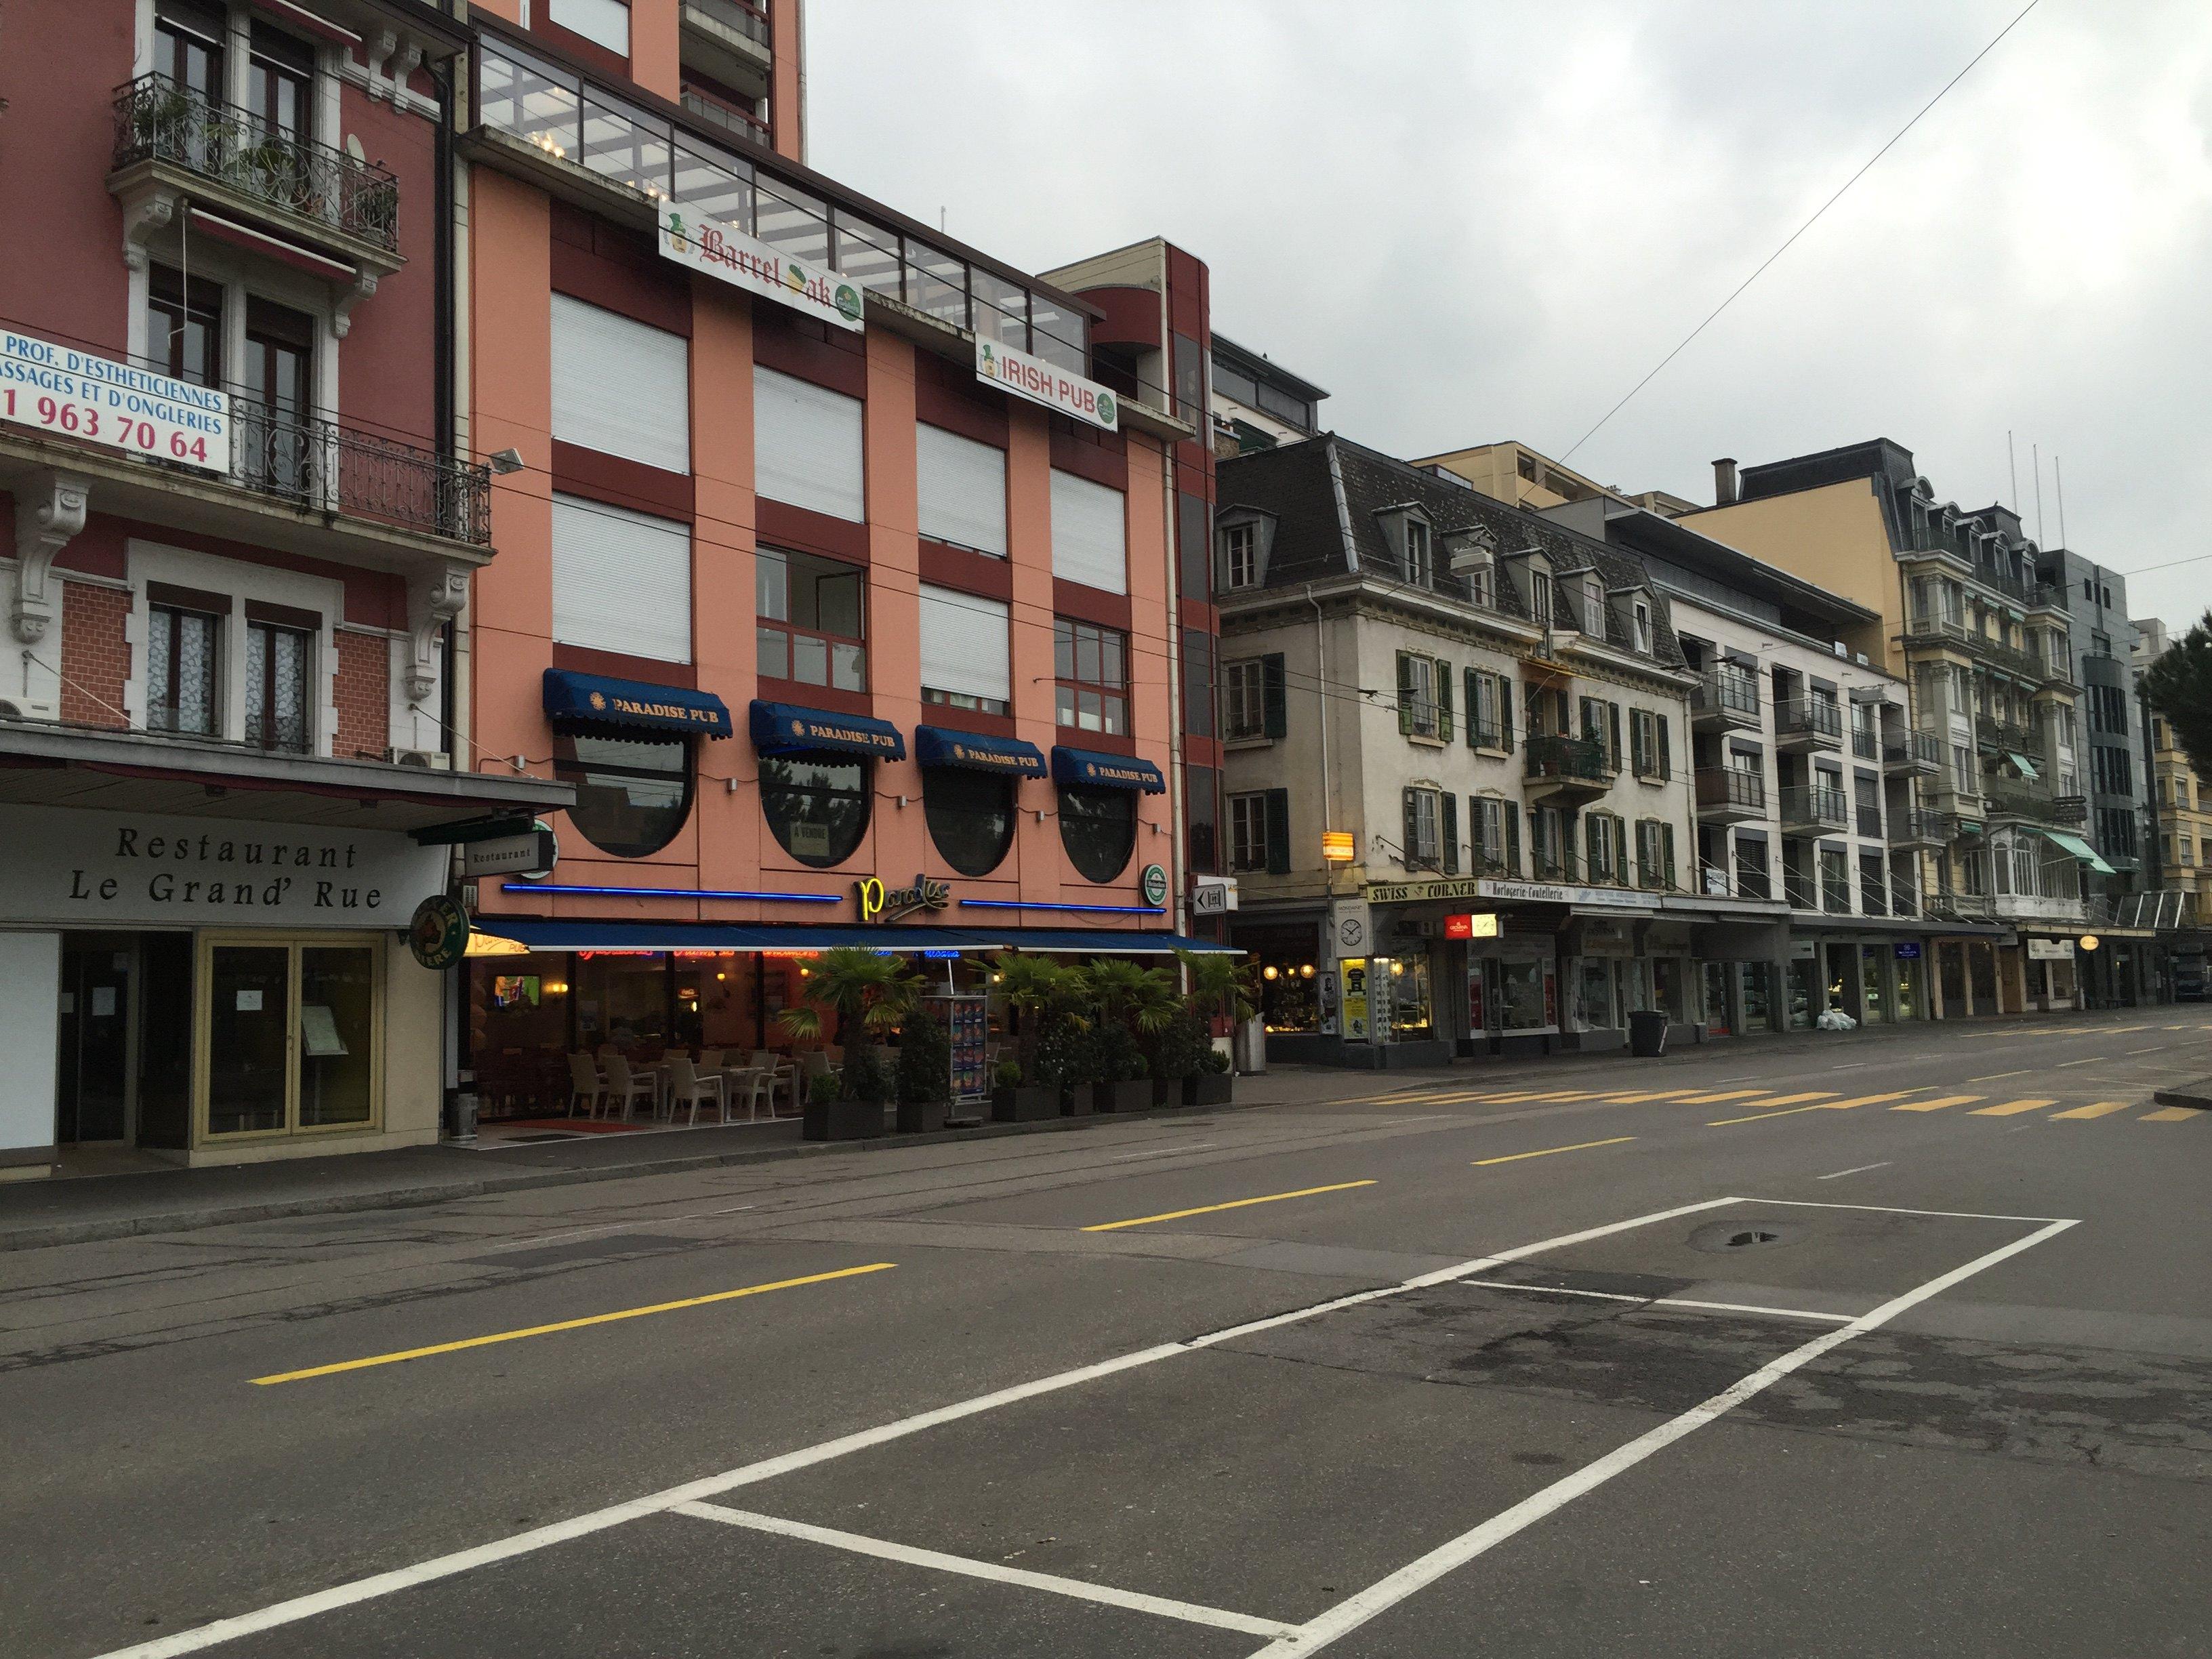 瑞士的老照片街景-瑞士的老照片图片